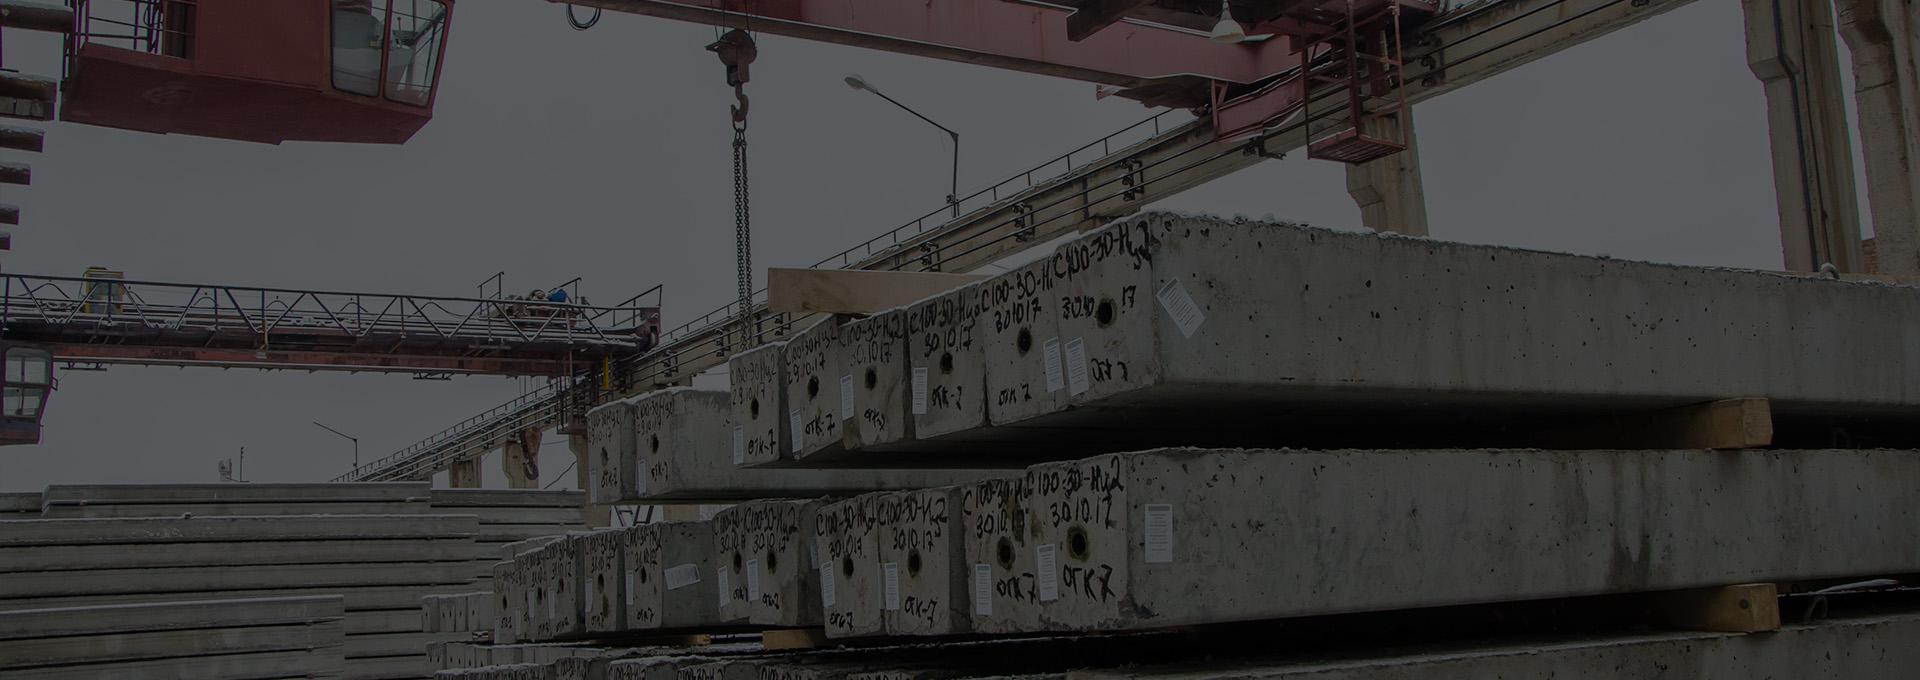 Жби бетон купить новосибирск калькулятор армирования бетона